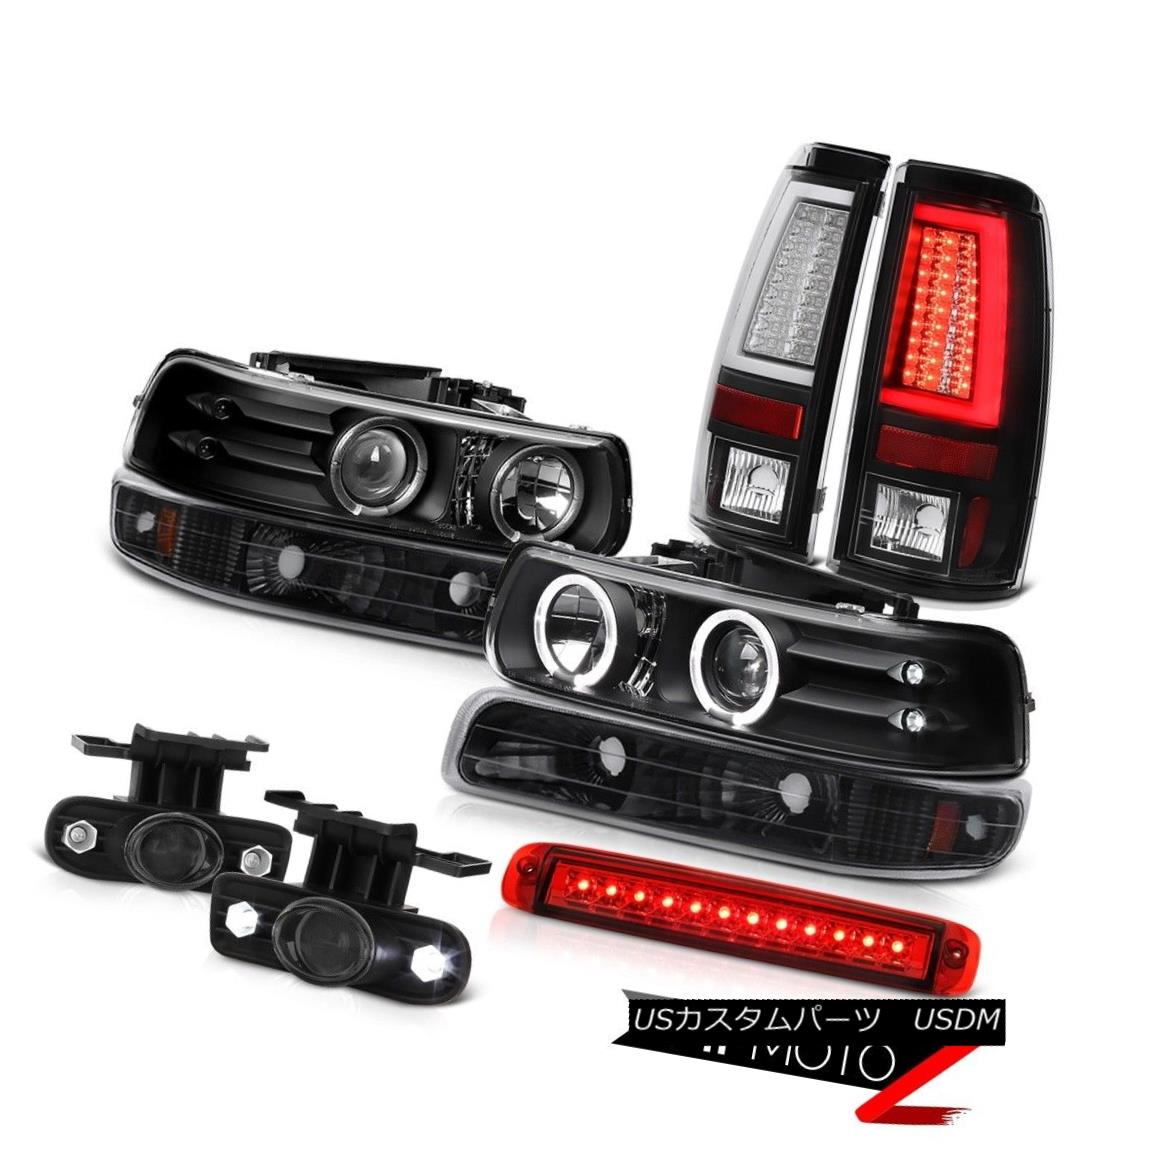 テールライト 99-02 Silverado 4.3L Taillights Roof Brake Lamp Foglights Signal Headlights LED 99-02 Silverado 4.3L灯台ルーフブレーキランプフォグライト信号ヘッドライトLED